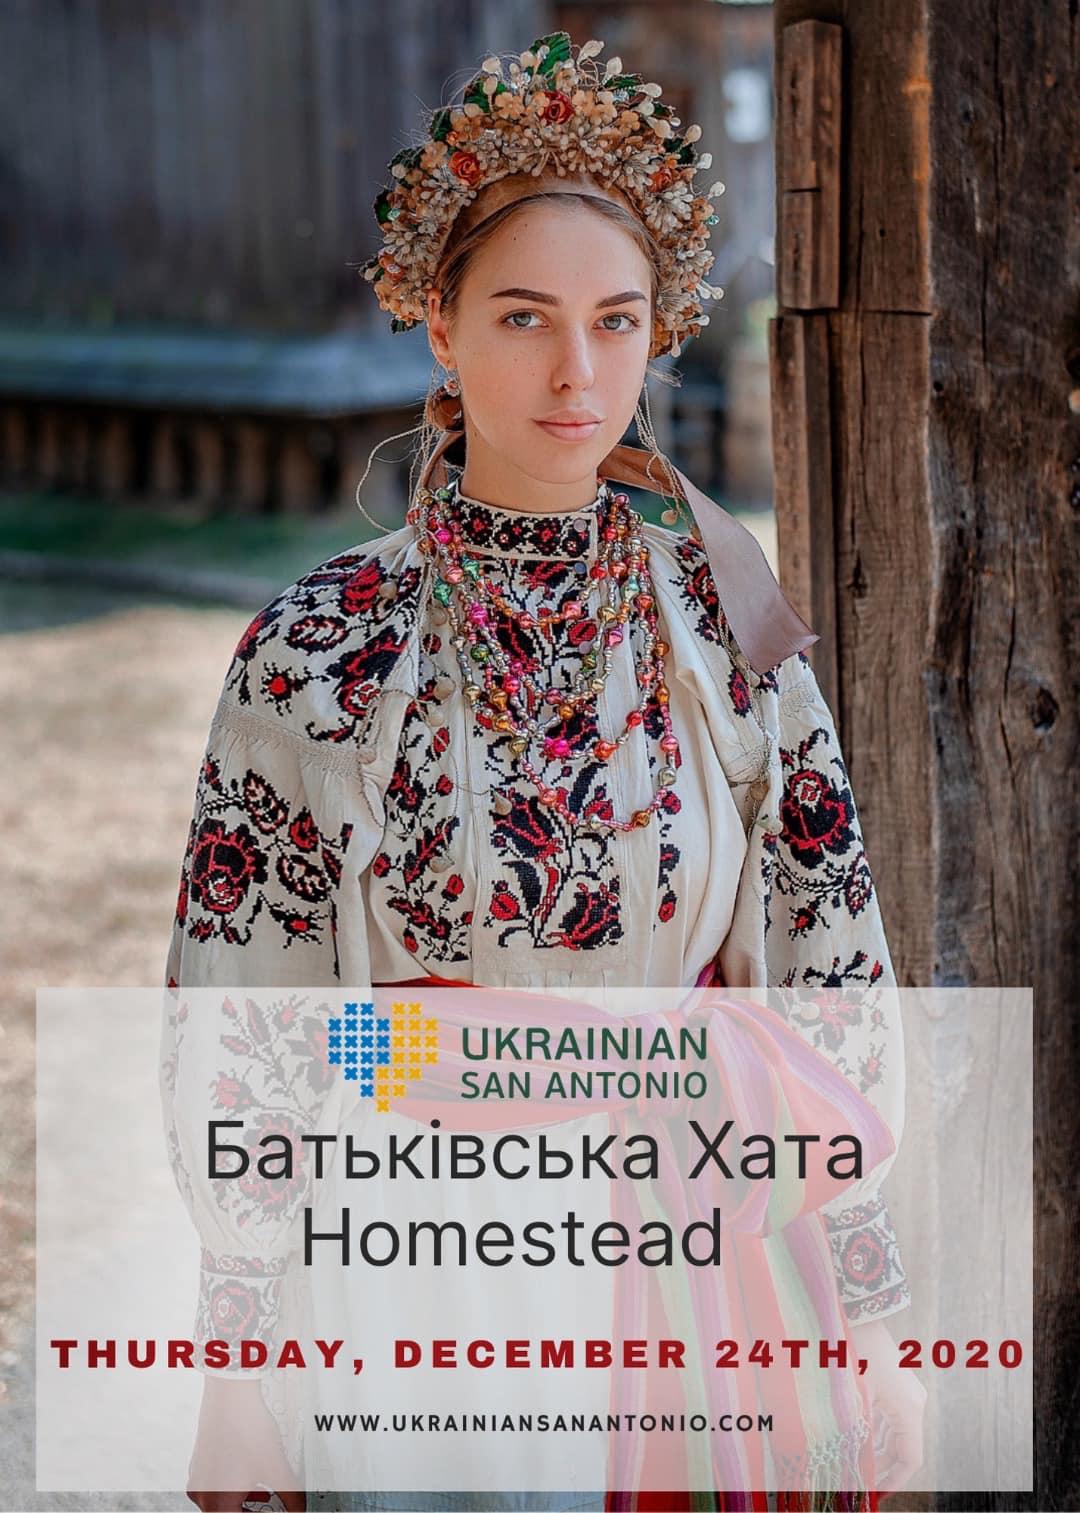 Українці Техасу презентують проєкт про красу української культури